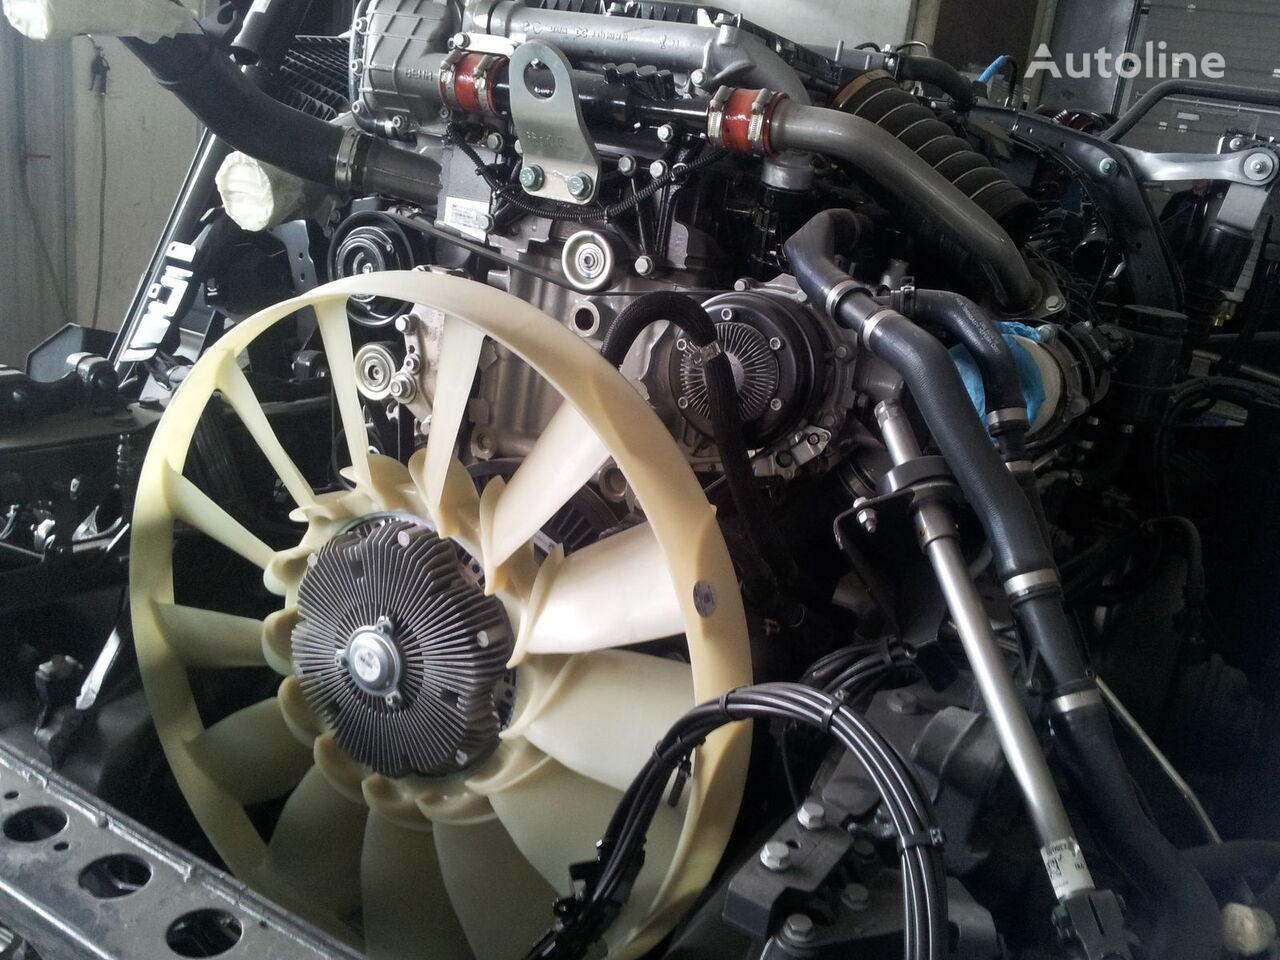 MERCEDES-BENZ Actros MP4 OM471LA, OM 471 LA, OM471LA, 0020106500, 0009985090,  motor para MERCEDES-BENZ Actros MP4 tractora